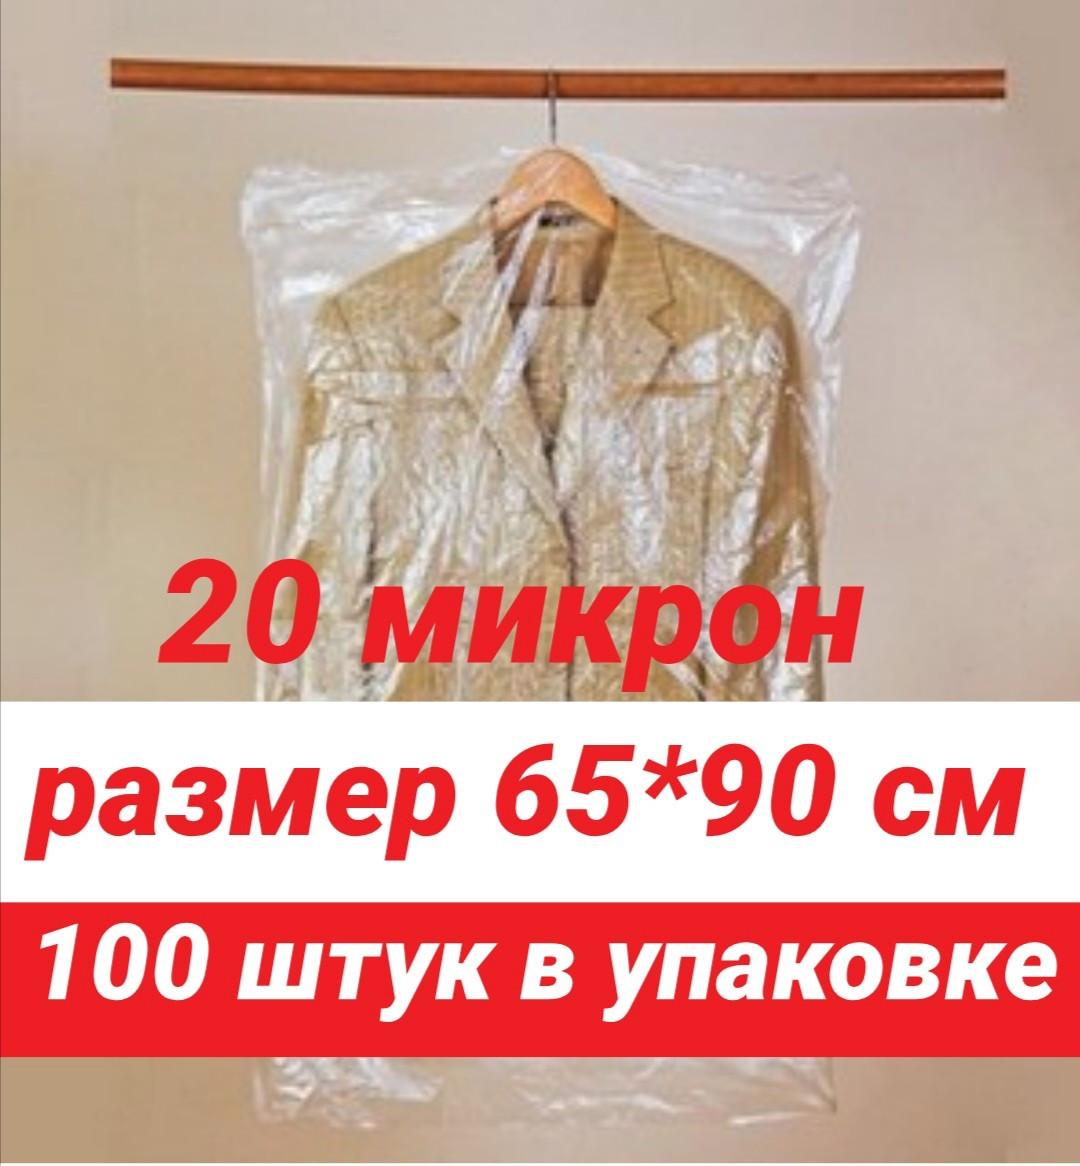 Размер 65*90 см, 100 шт в упаковке.Чехлы для одежды полиэтиленовые, толщина 20 микрон